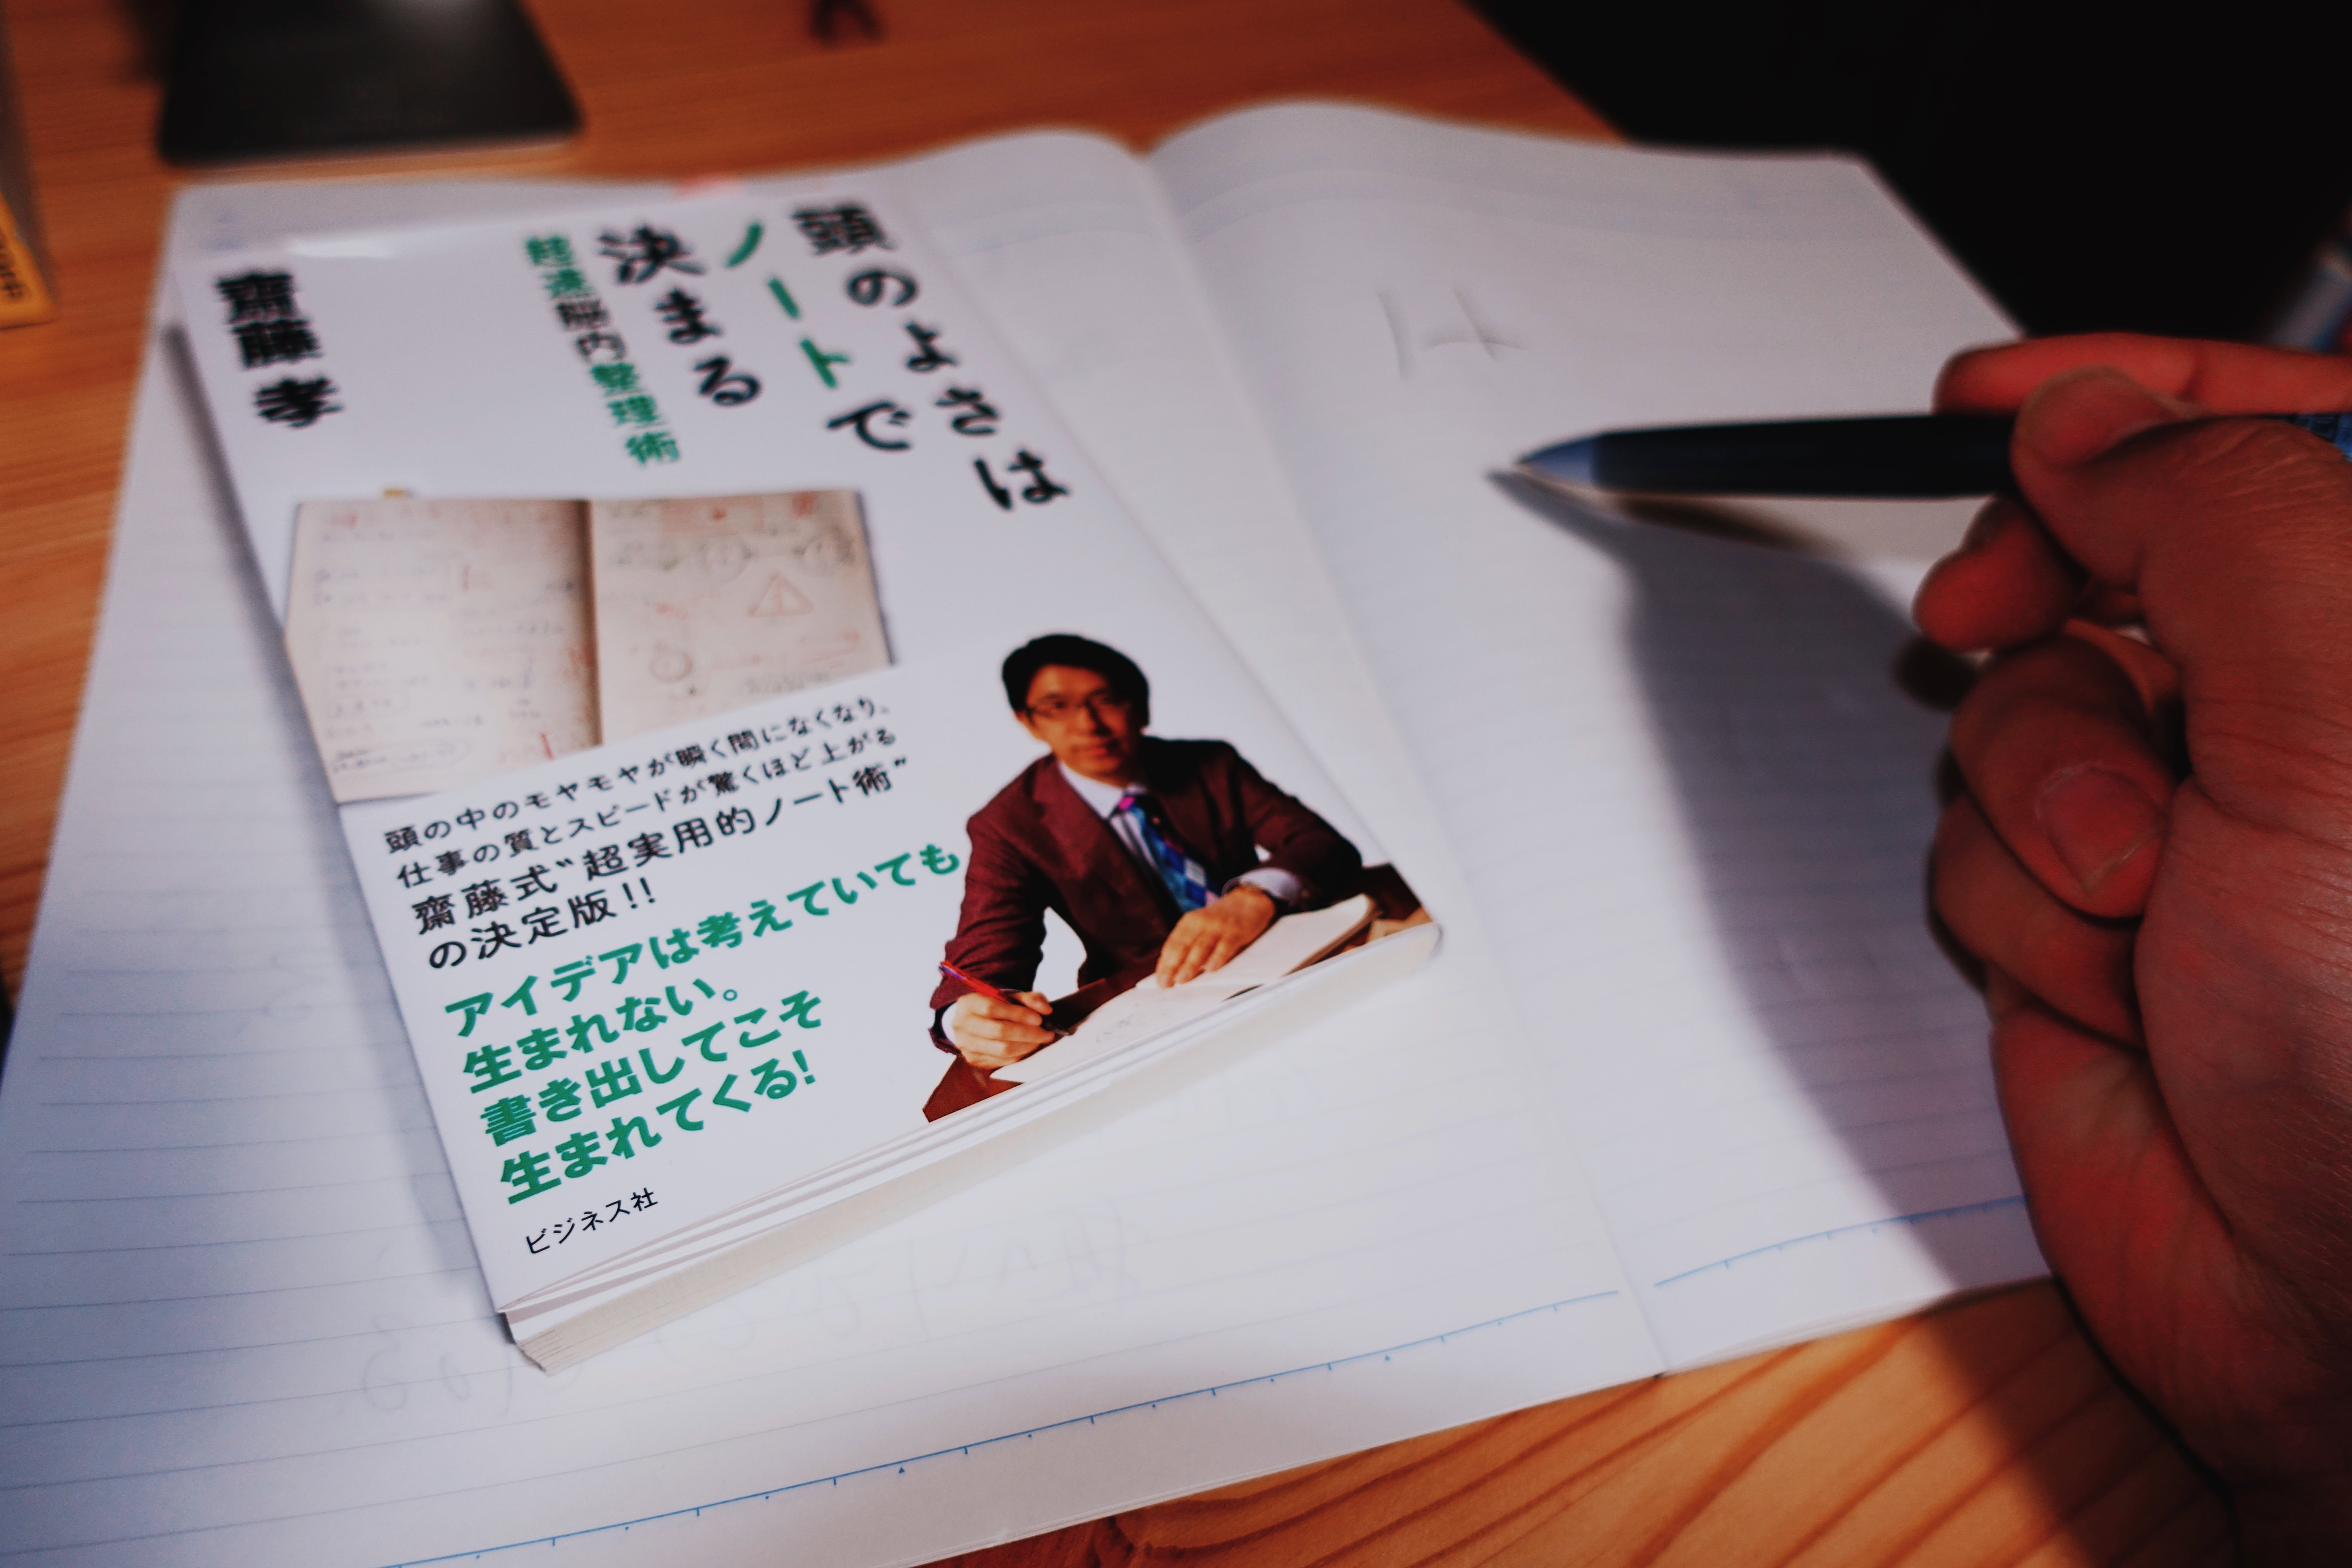 頭のよさはノートで決まる齋藤孝Processed with VSCO with c8 preset